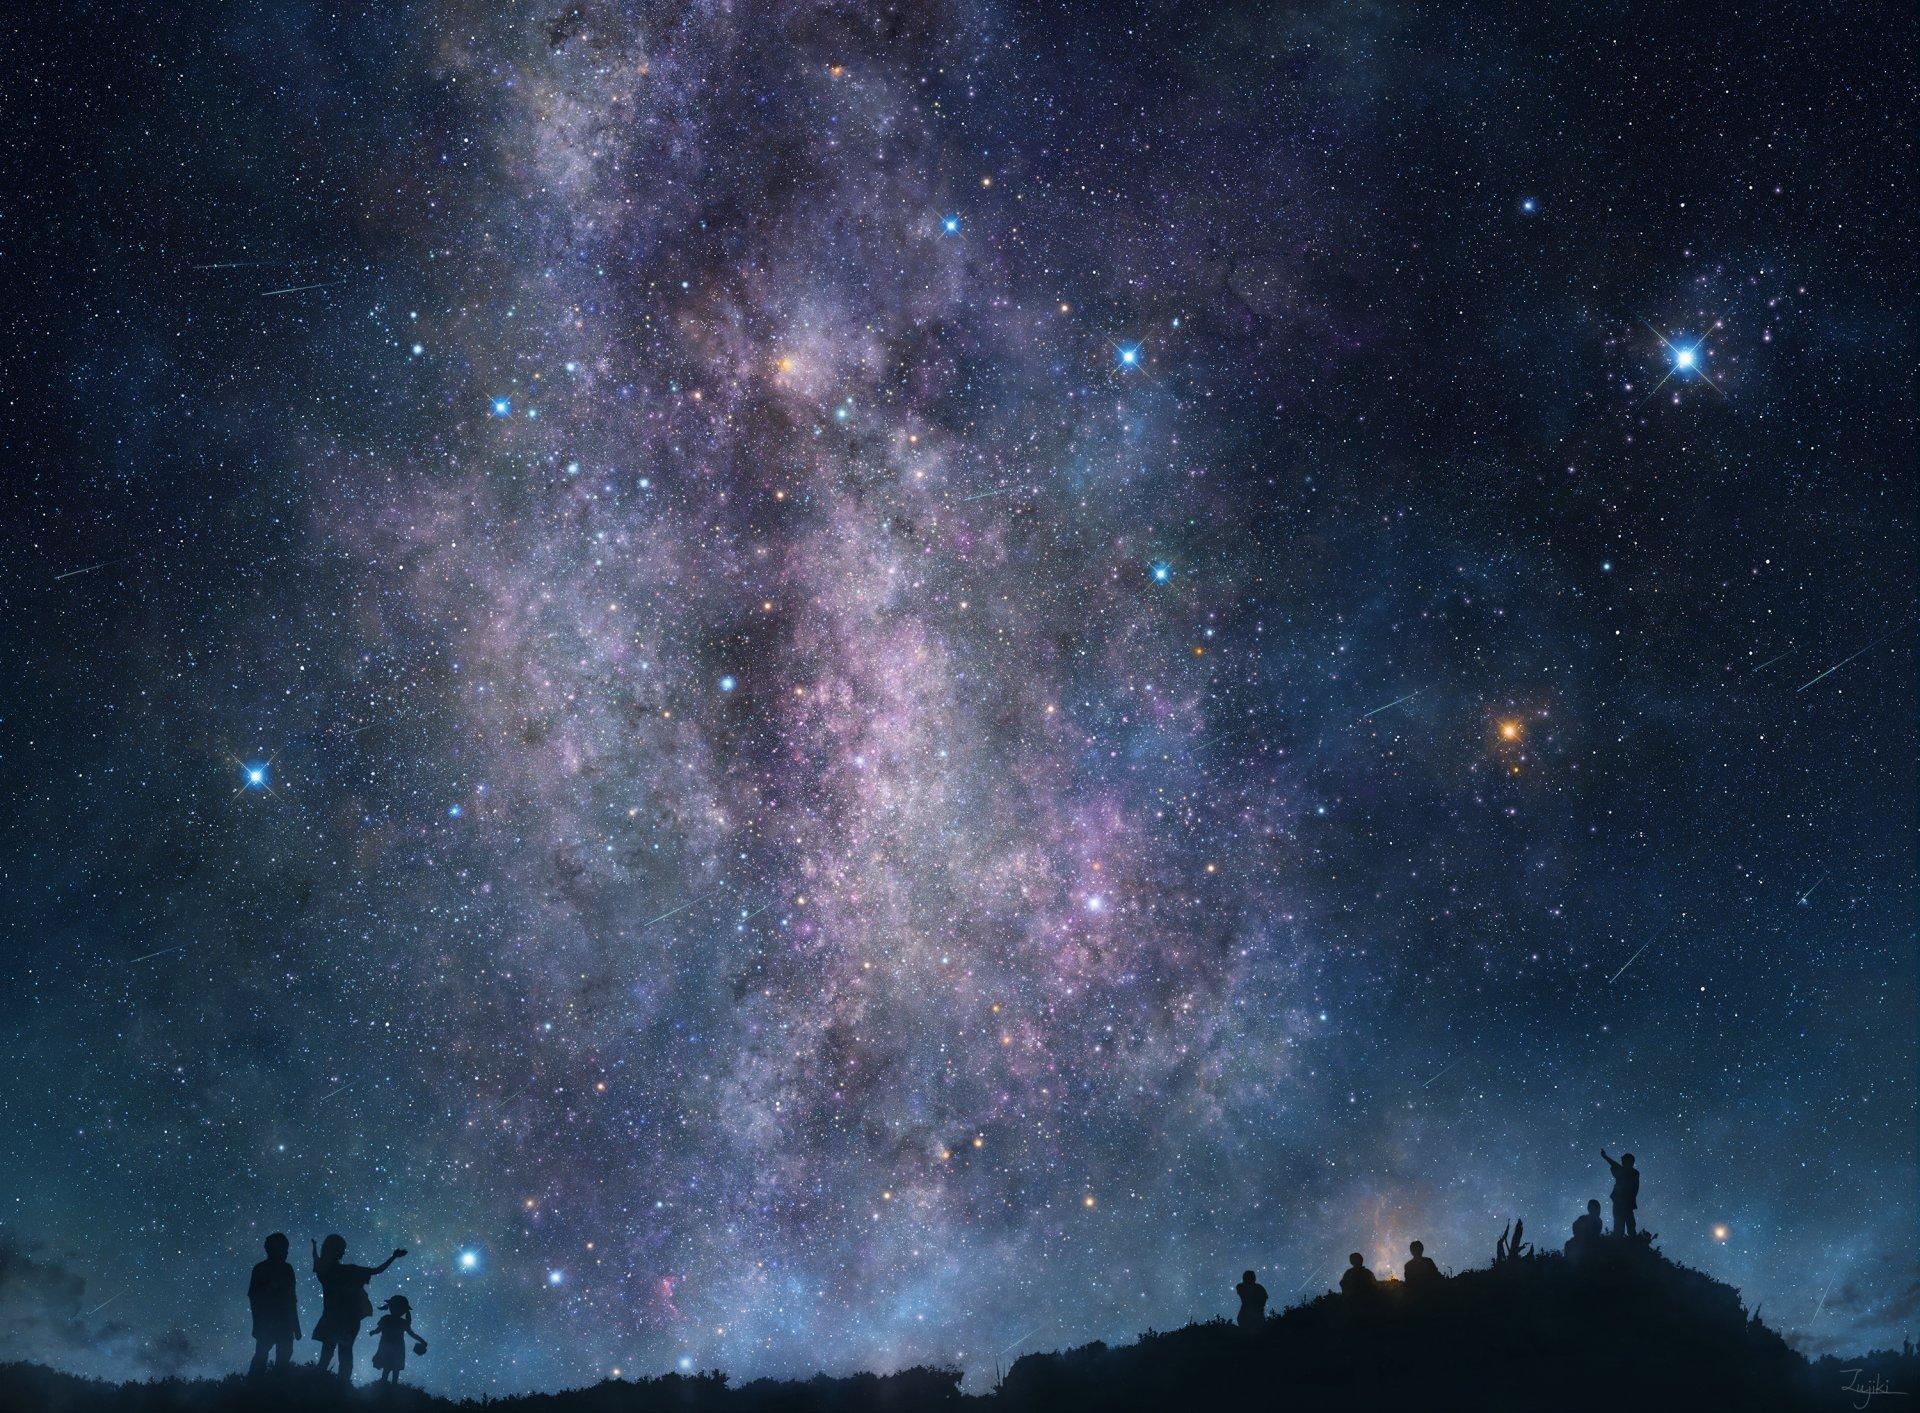 картинки звездное небо космос простого текста, зачастую